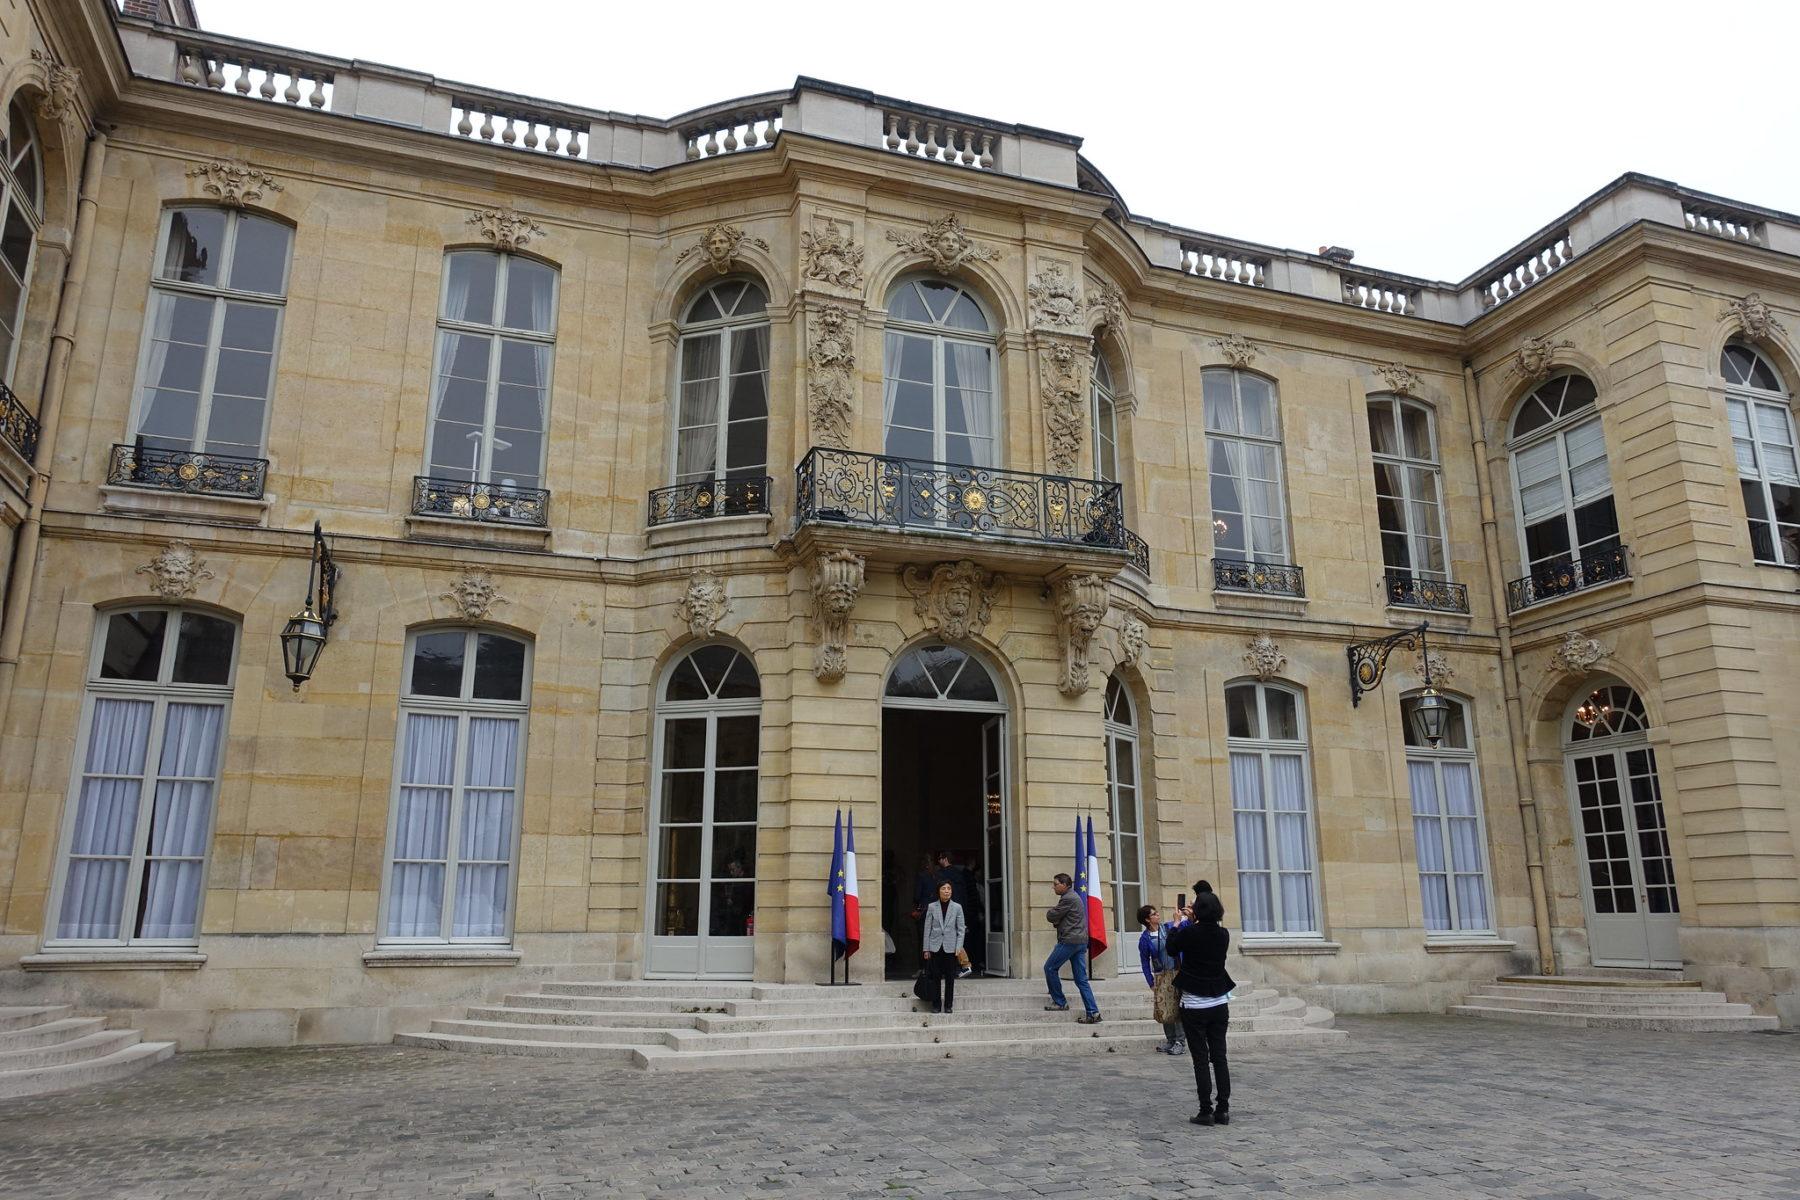 Hôtel Matignon résidence officielle et le lieu de travail du chef du gouvernement français